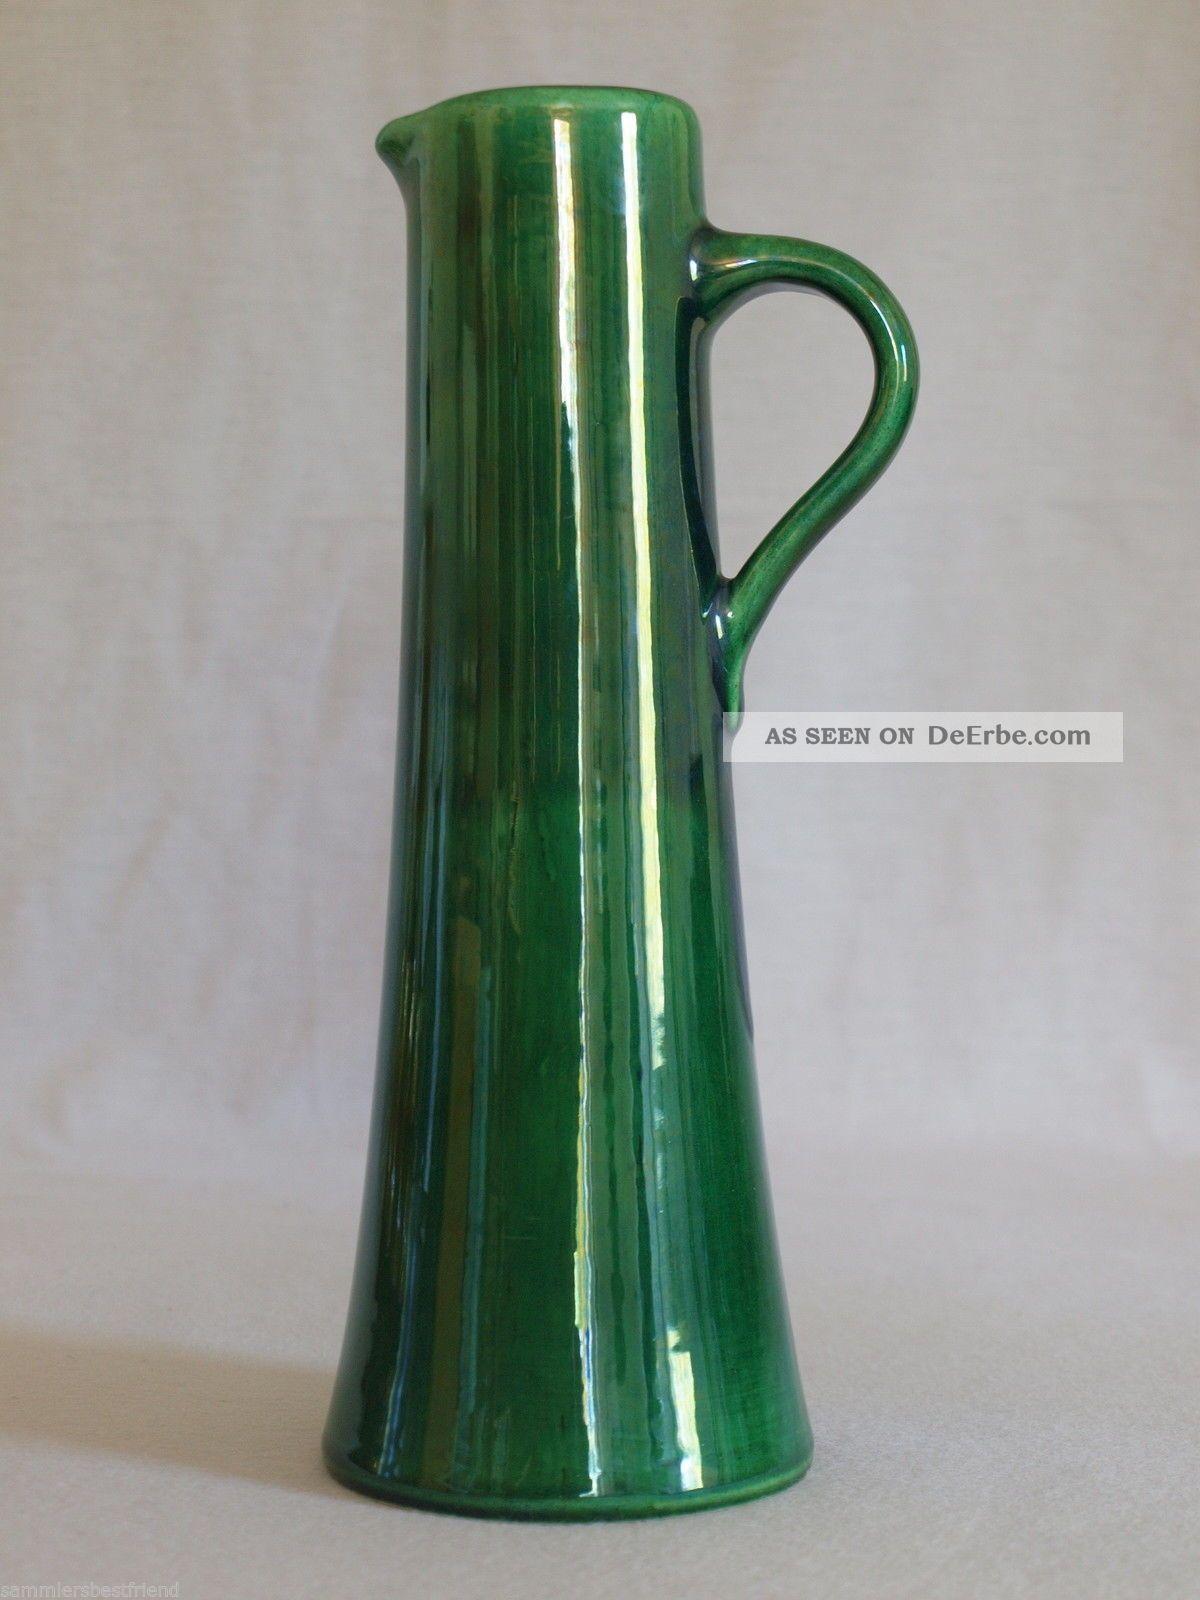 seltene kn dgen keramik krugvase form 2562 25 gr n henkelvase keramikvase. Black Bedroom Furniture Sets. Home Design Ideas